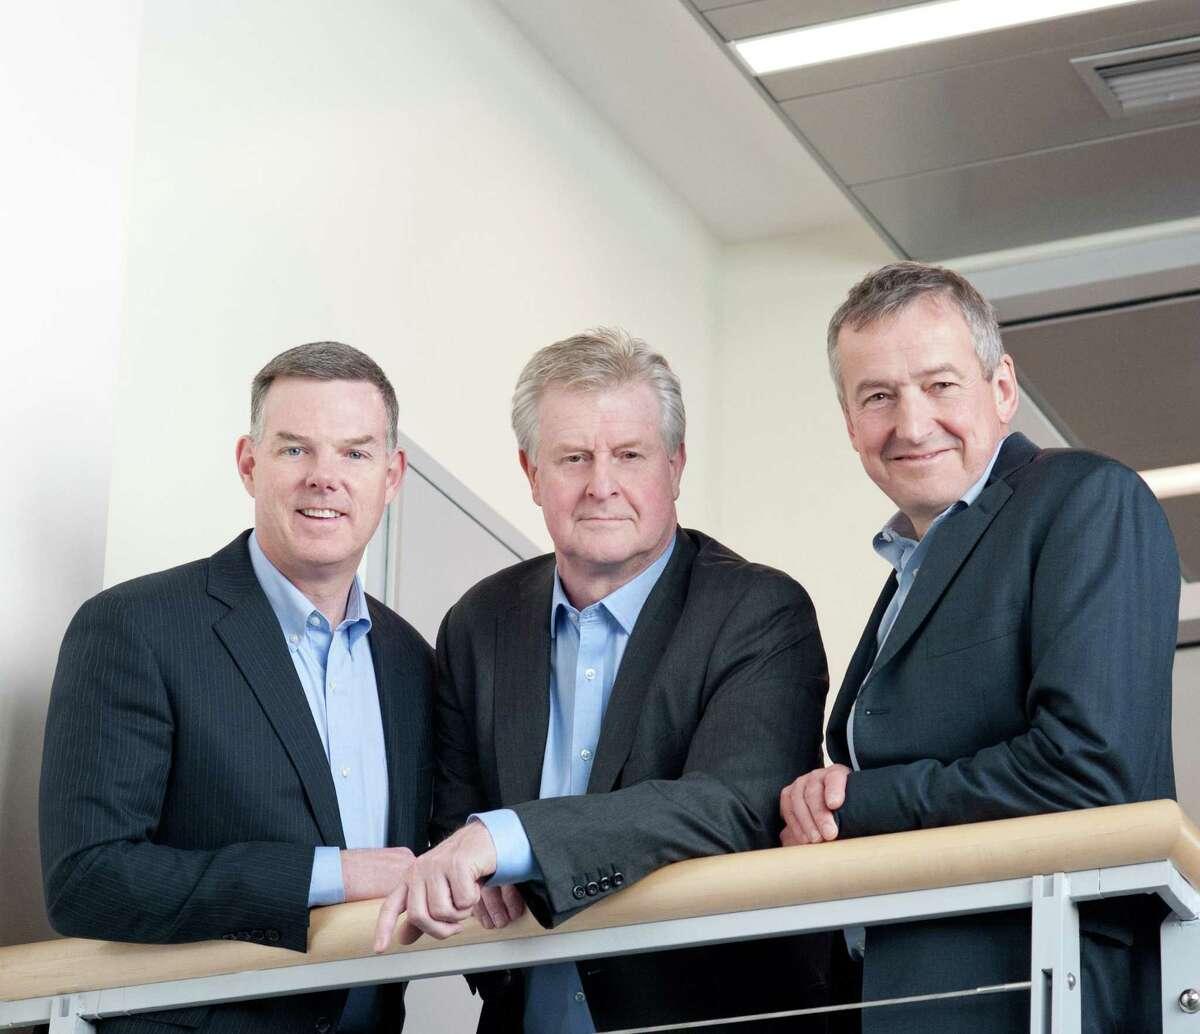 RallyBio co-founders, from left, Jeffrey Fryer, Martin Mackay and Stephen Uden.